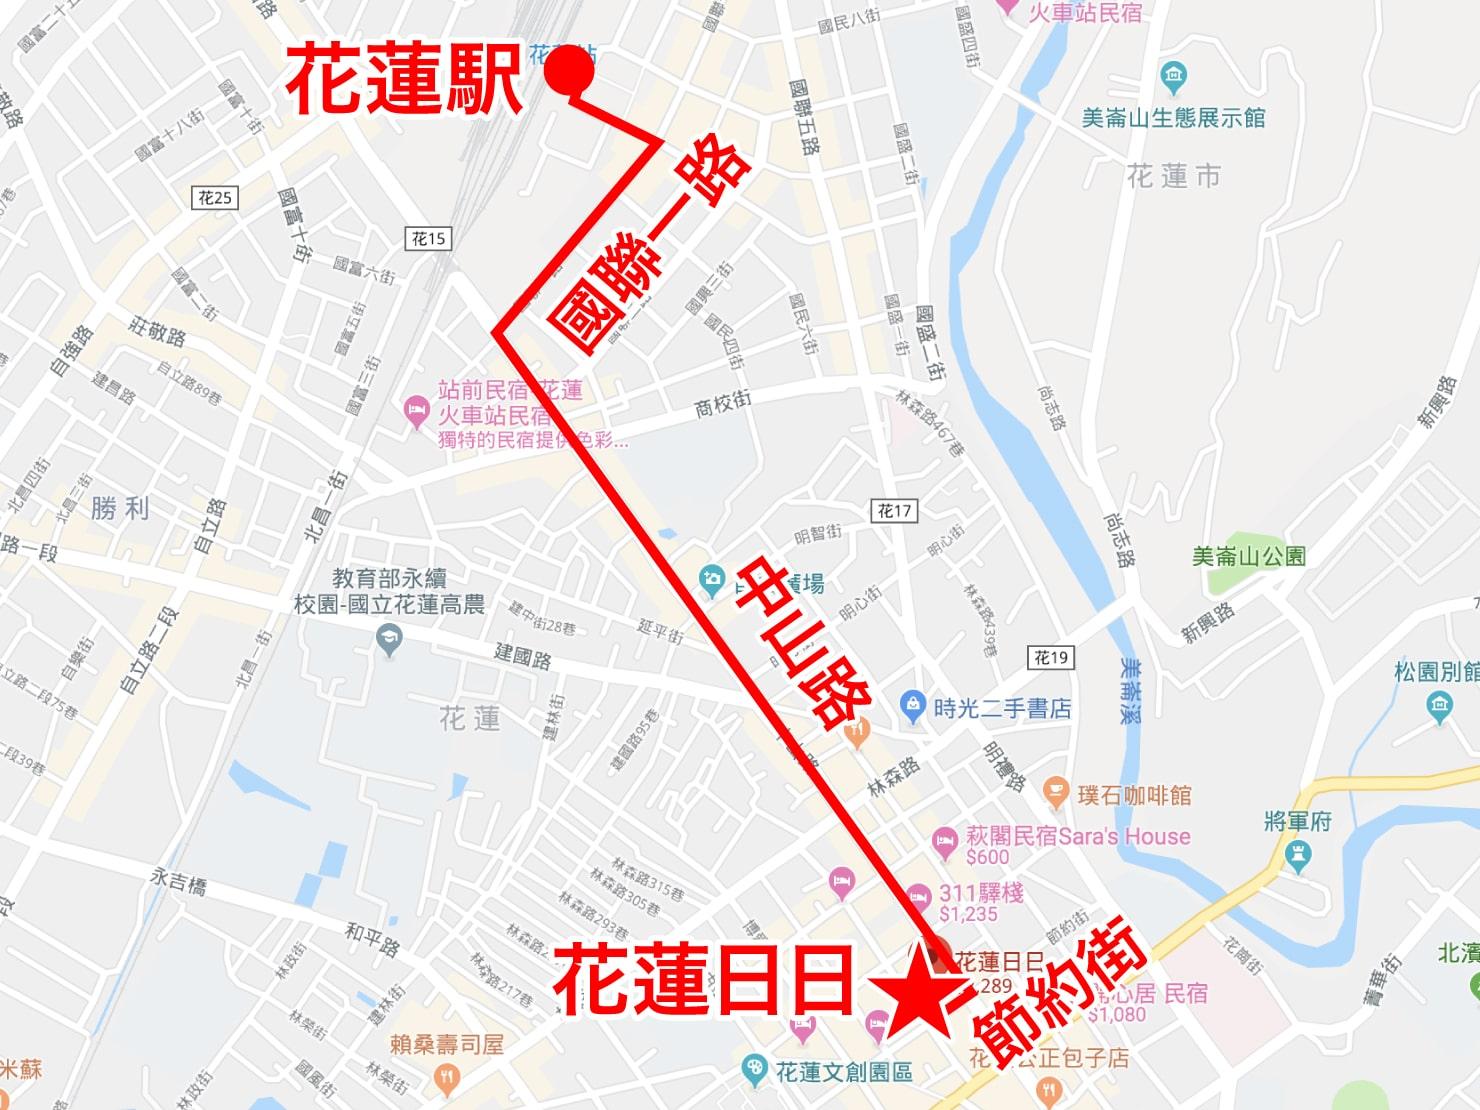 花蓮市街中心部のレトロかわいいおすすめゲストハウス「花蓮日日 Hualien dairy」へのアクセスマップ